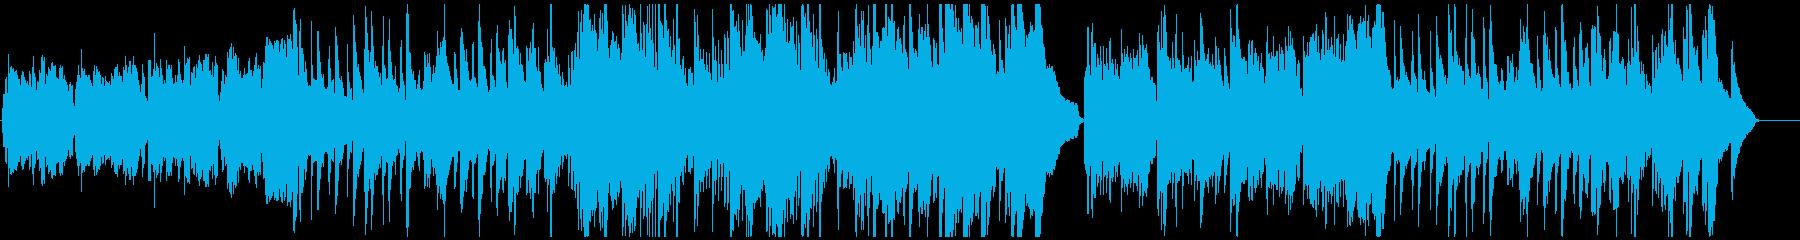 和風BGM・せつない雰囲気の再生済みの波形